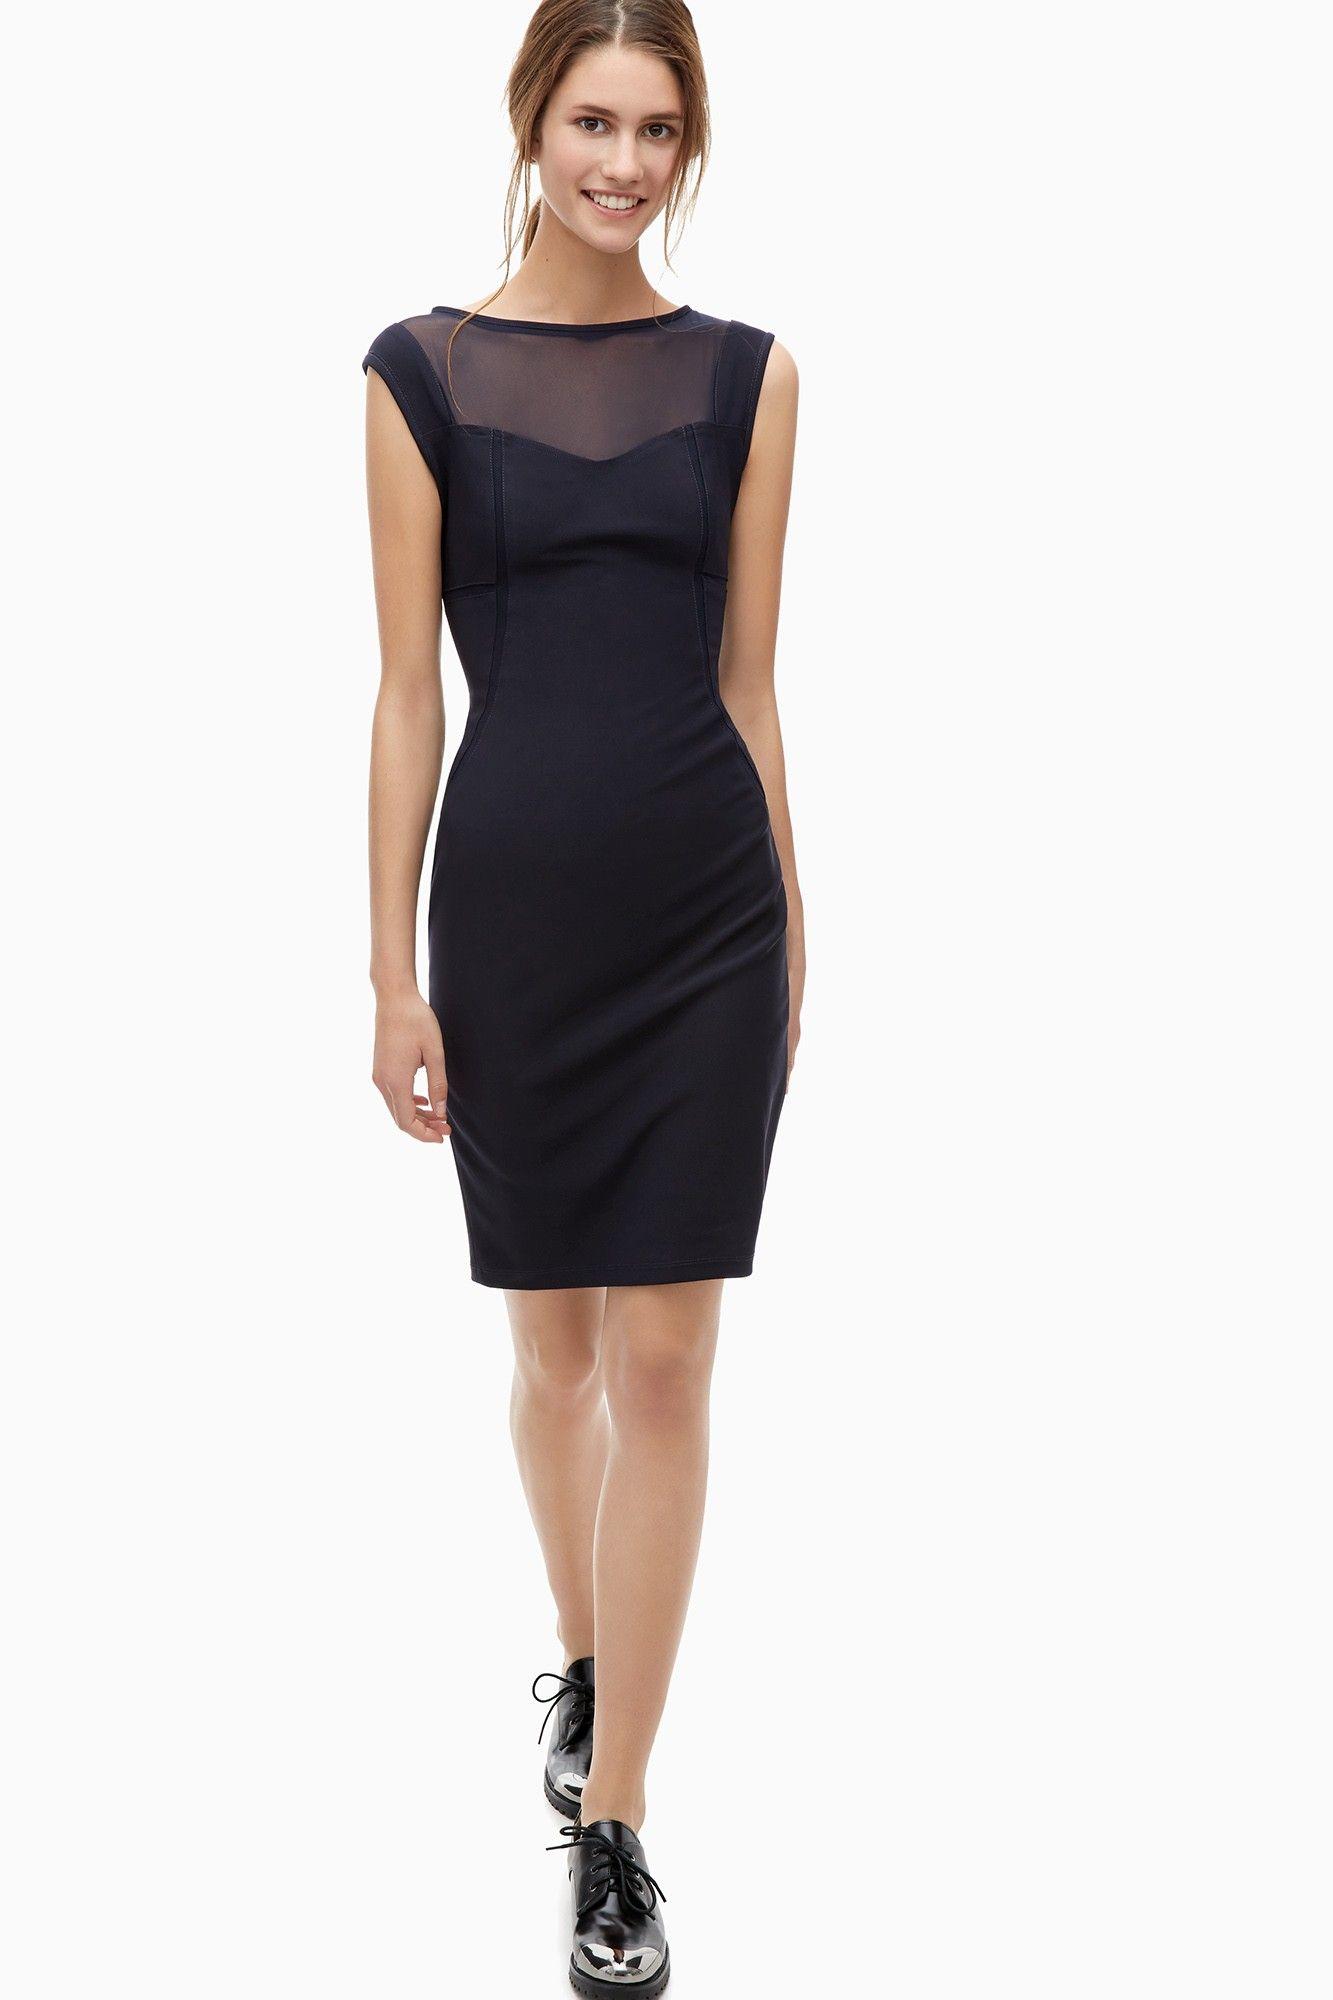 Vestido tubo con escote transparente vestidos adolfo for Vestidos adolfo dominguez outlet online